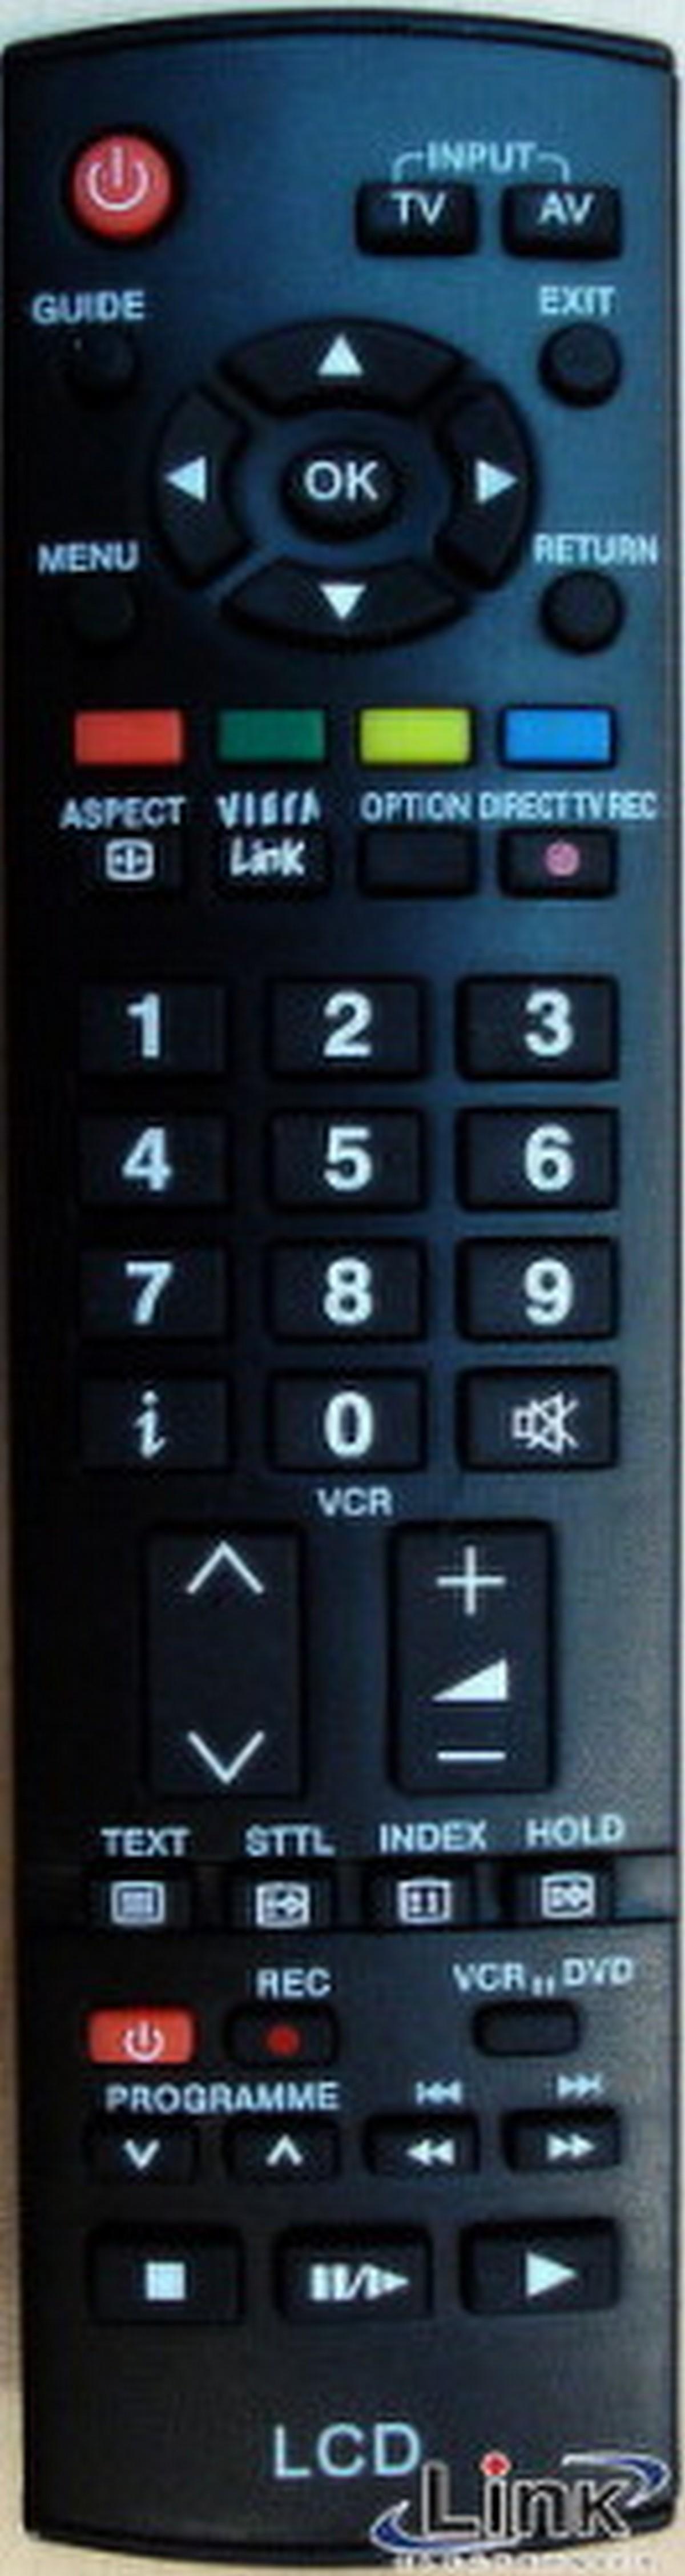 PANASONIC LCD RM-D720